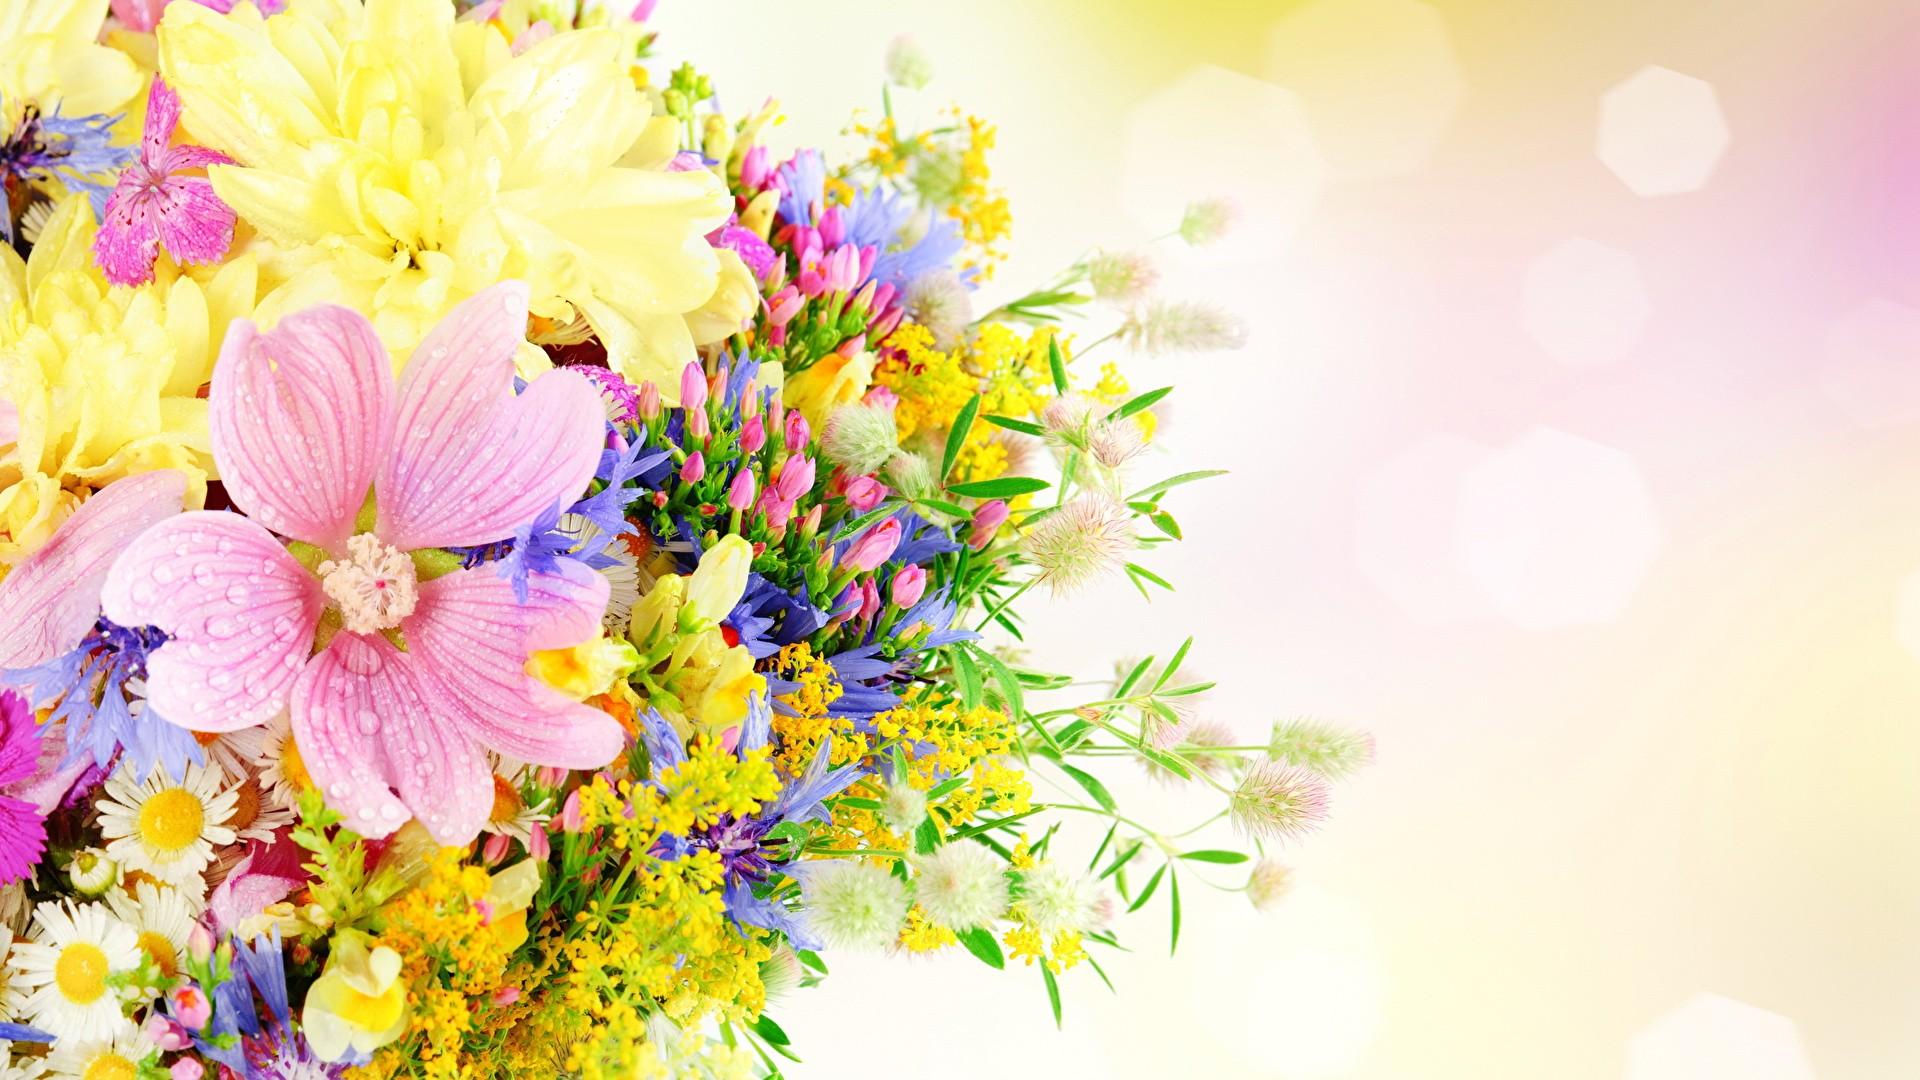 Women's Day Flower wallpaper image